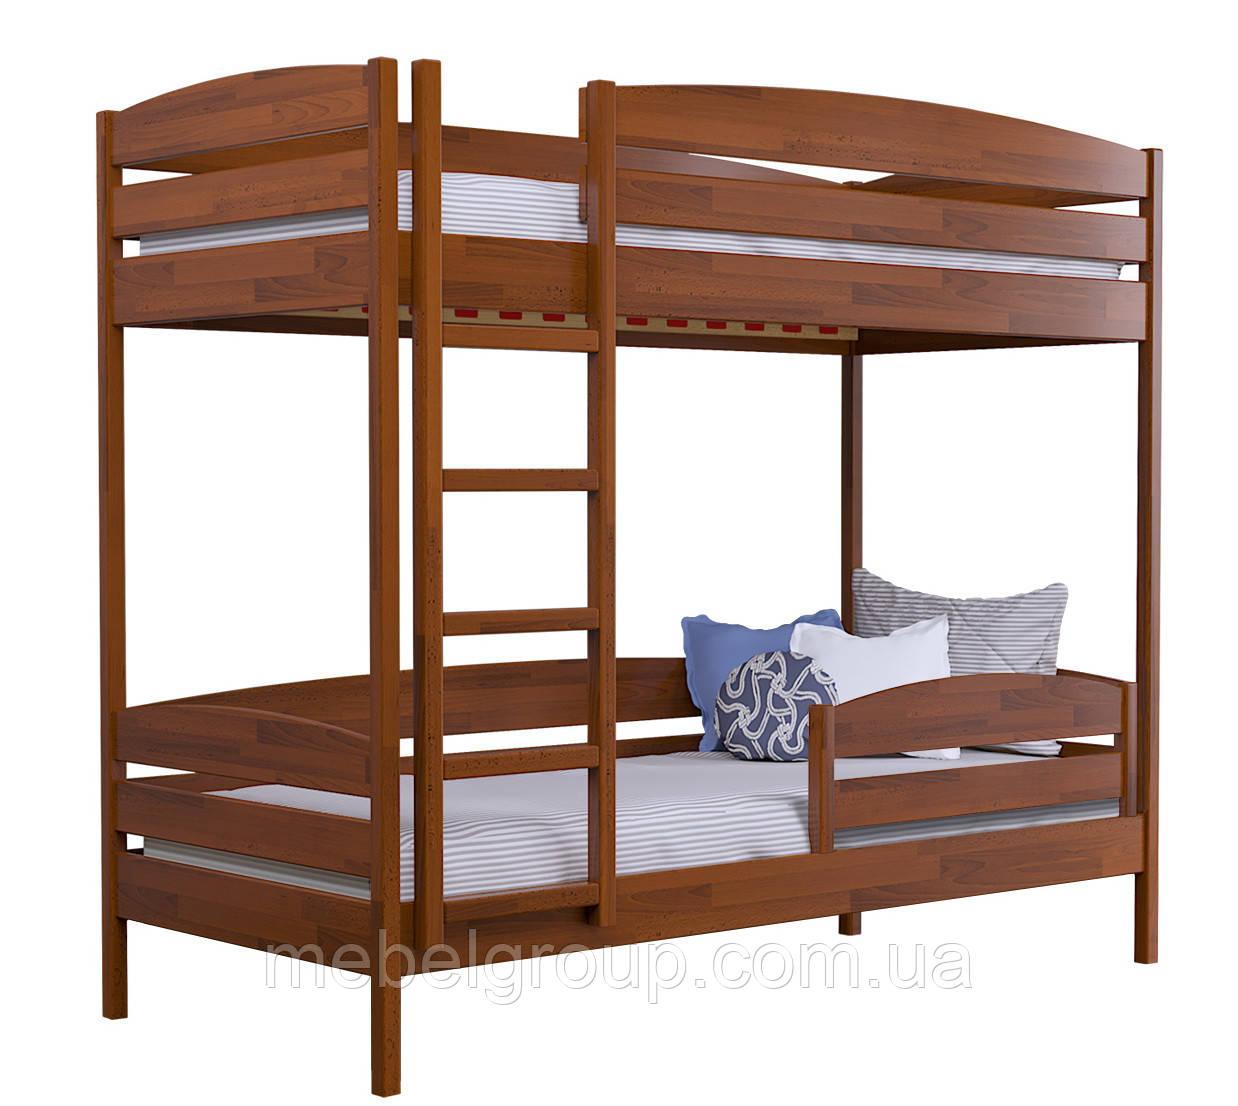 Двухъярусная кровать Дует Плюс 80х190 Щит (Без ящиков + защитный бортик)